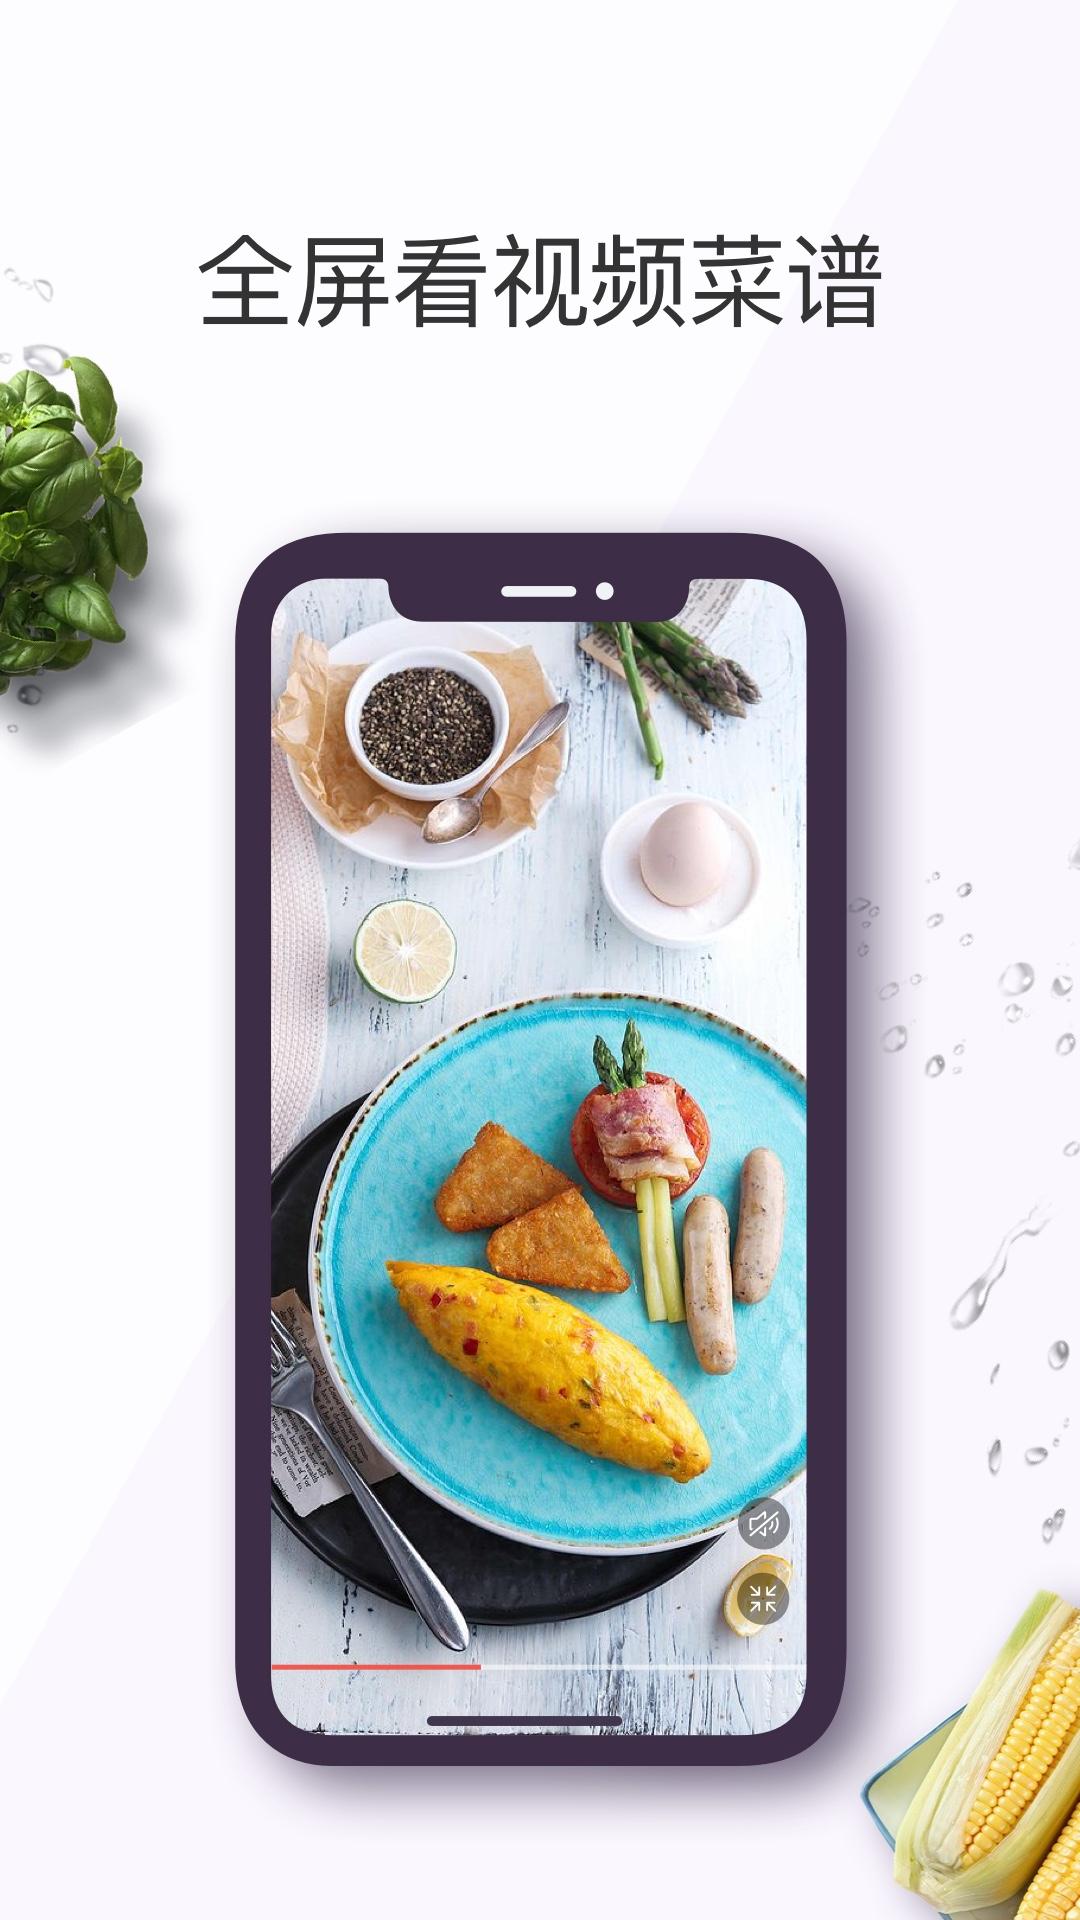 美食杰app截图2